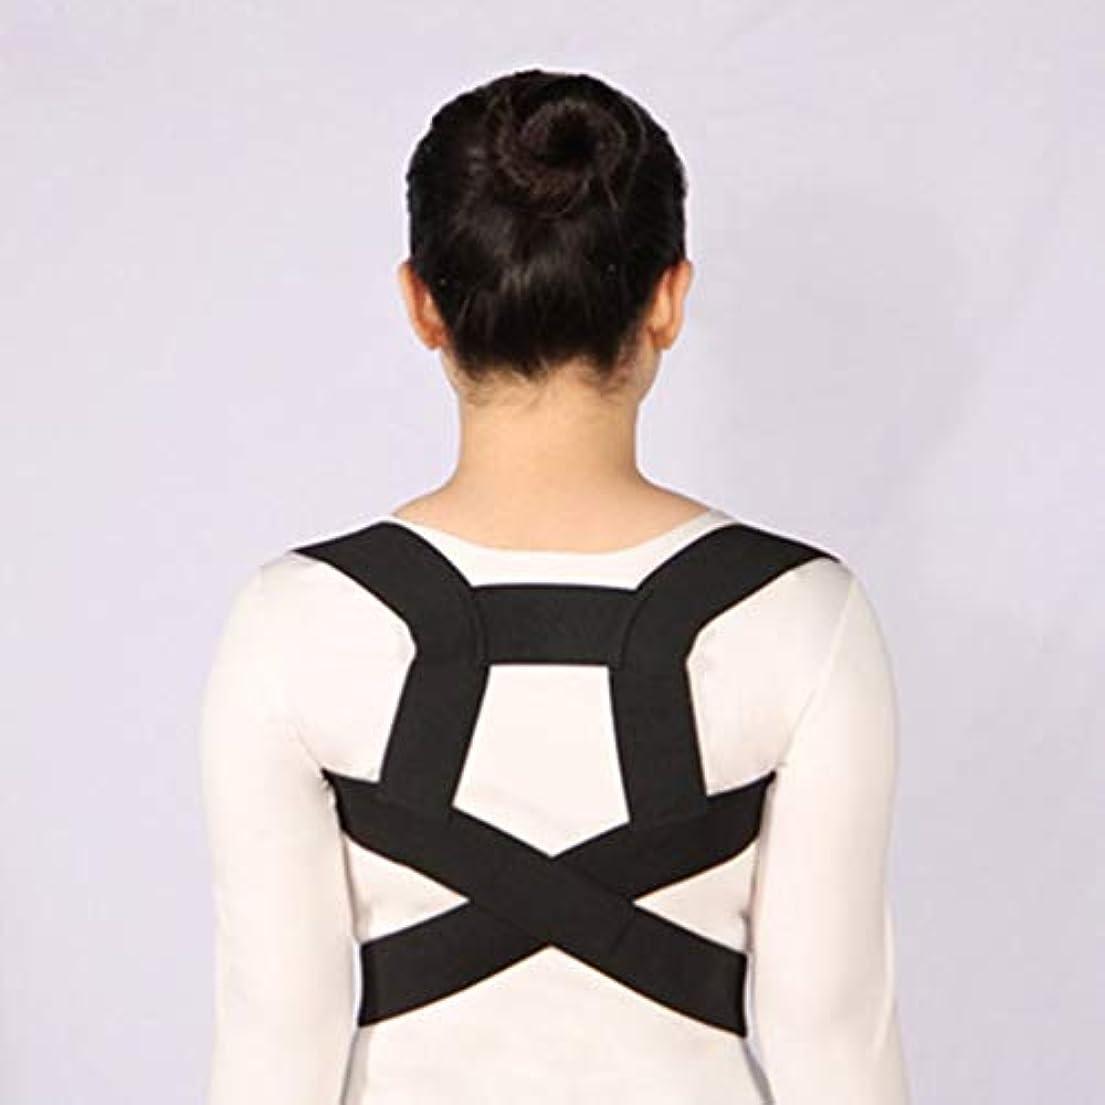 ペーススピンポーチ姿勢矯正側弯症ザトウクジラ補正ベルト調節可能な快適さ目に見えないベルト男性女性大人シンプル - 黒